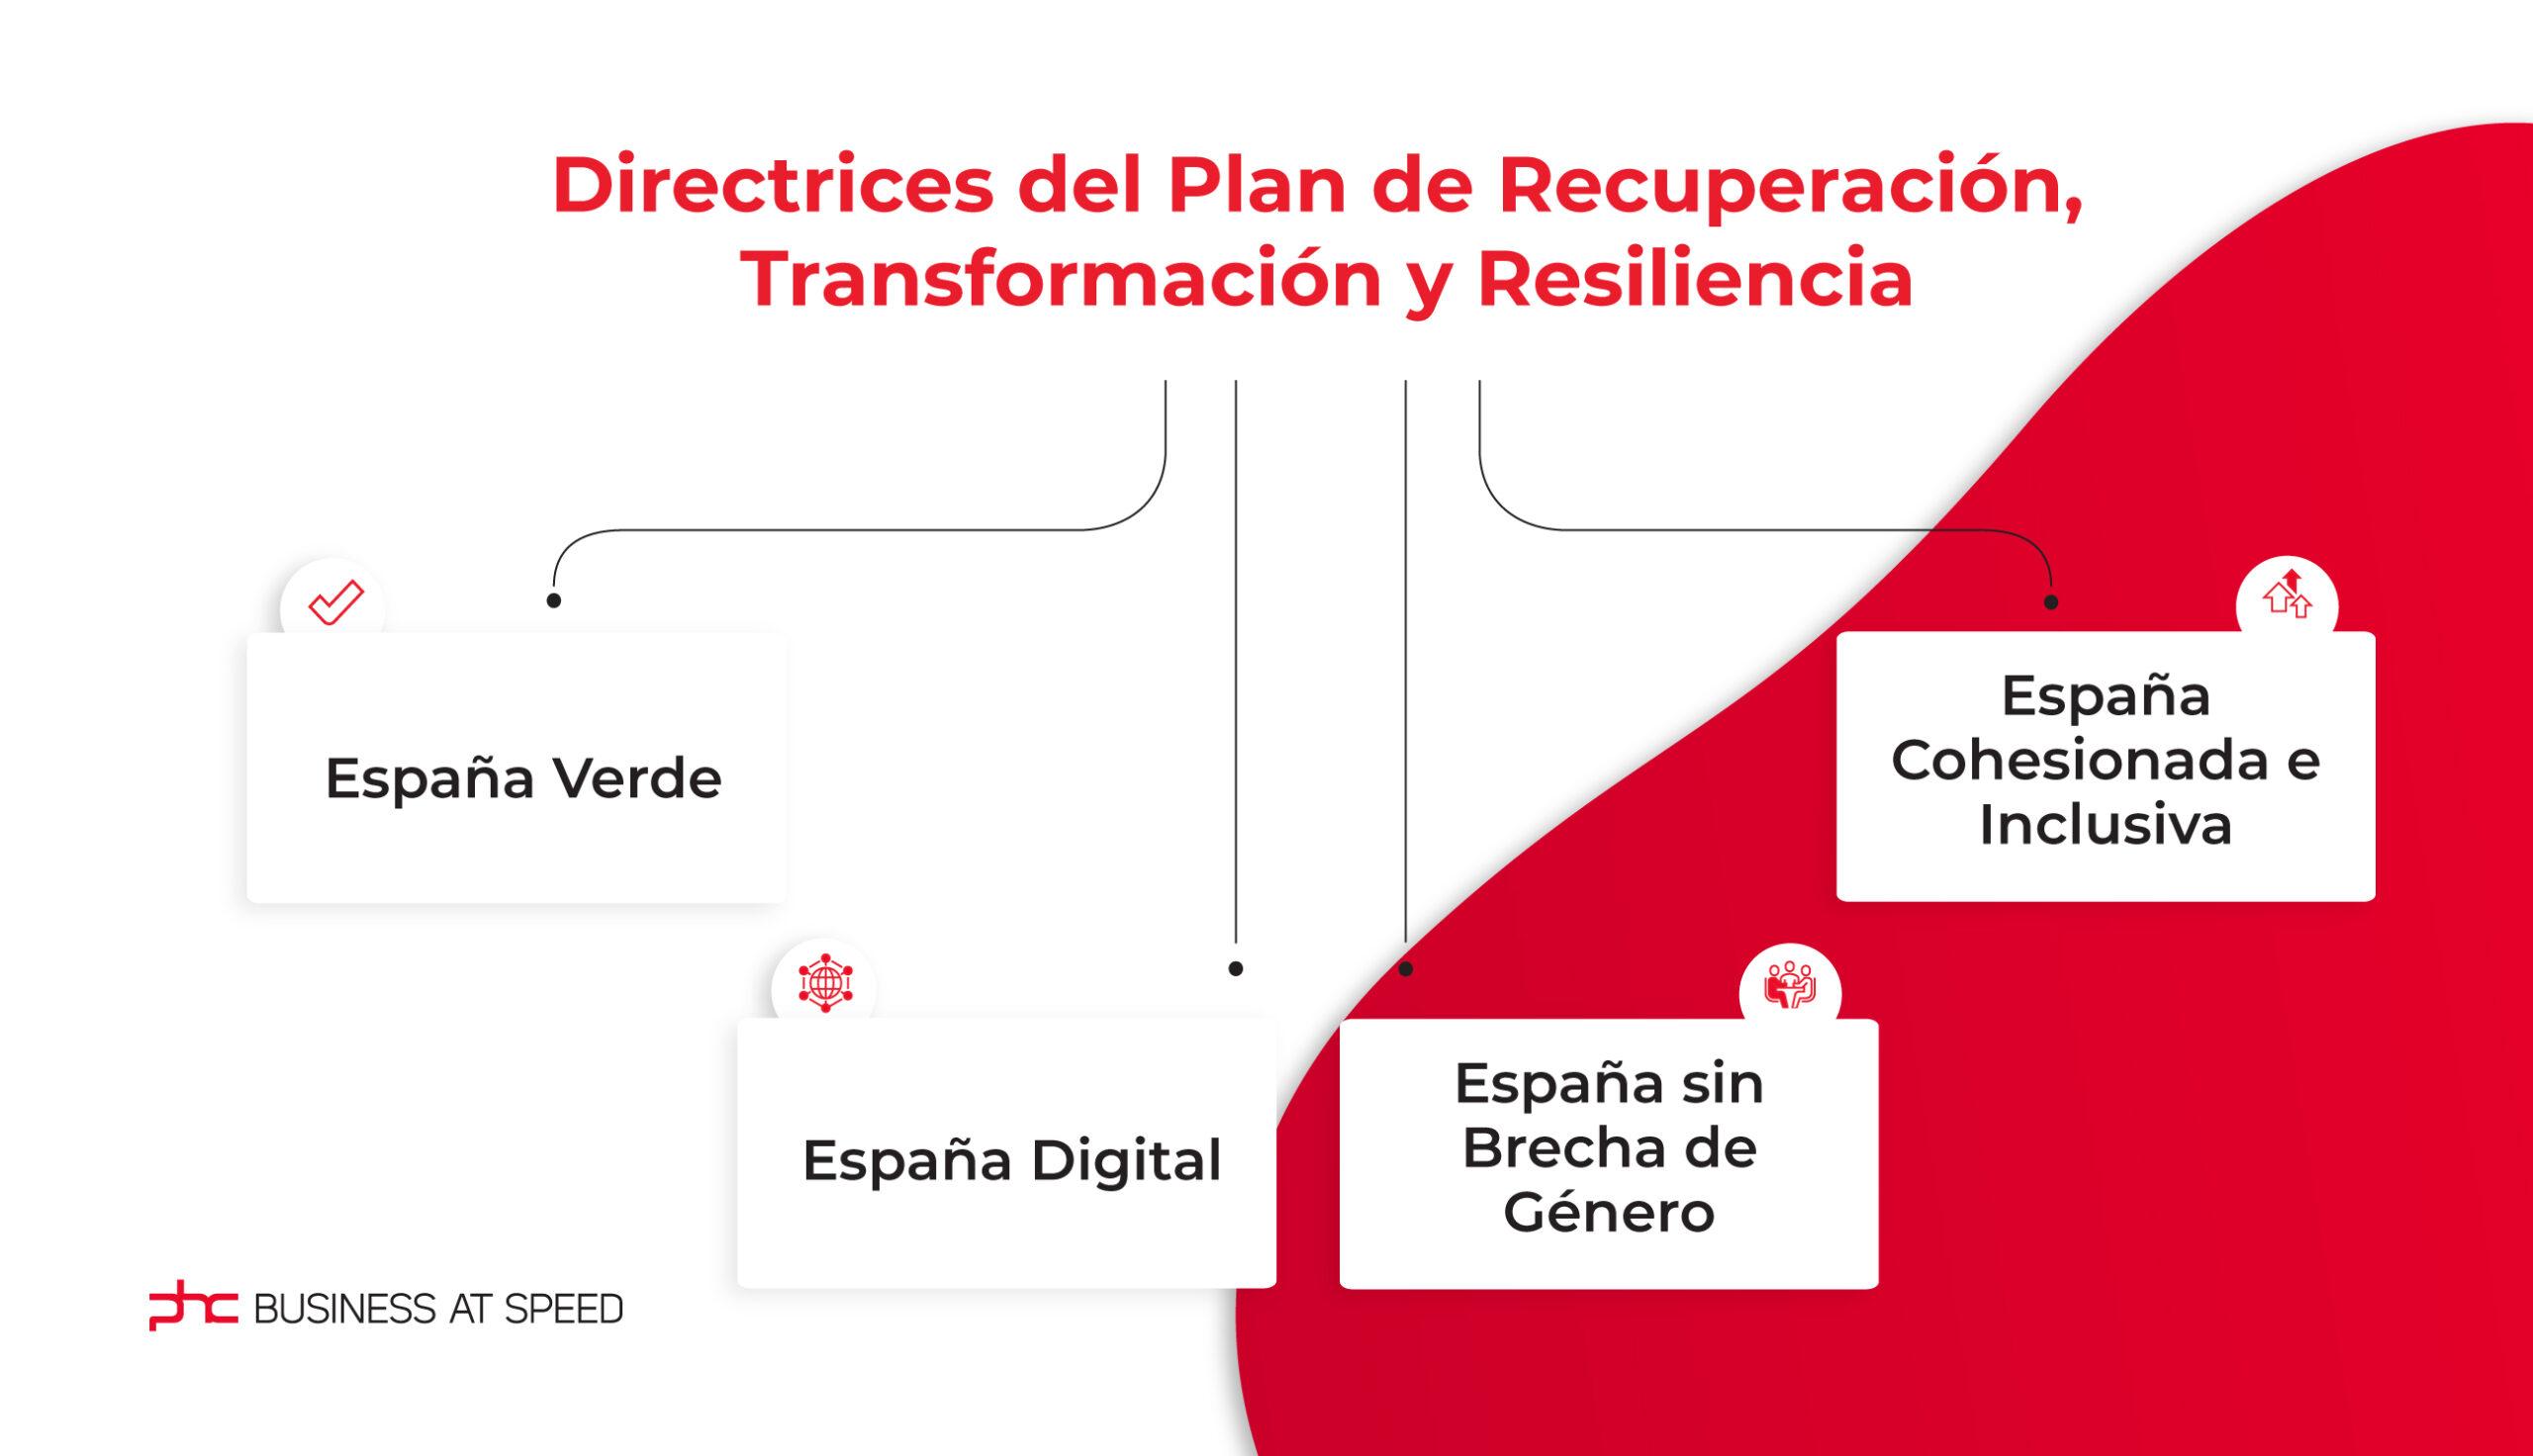 Directrices del Plan de Recuperación, Transformación y Resiliencia